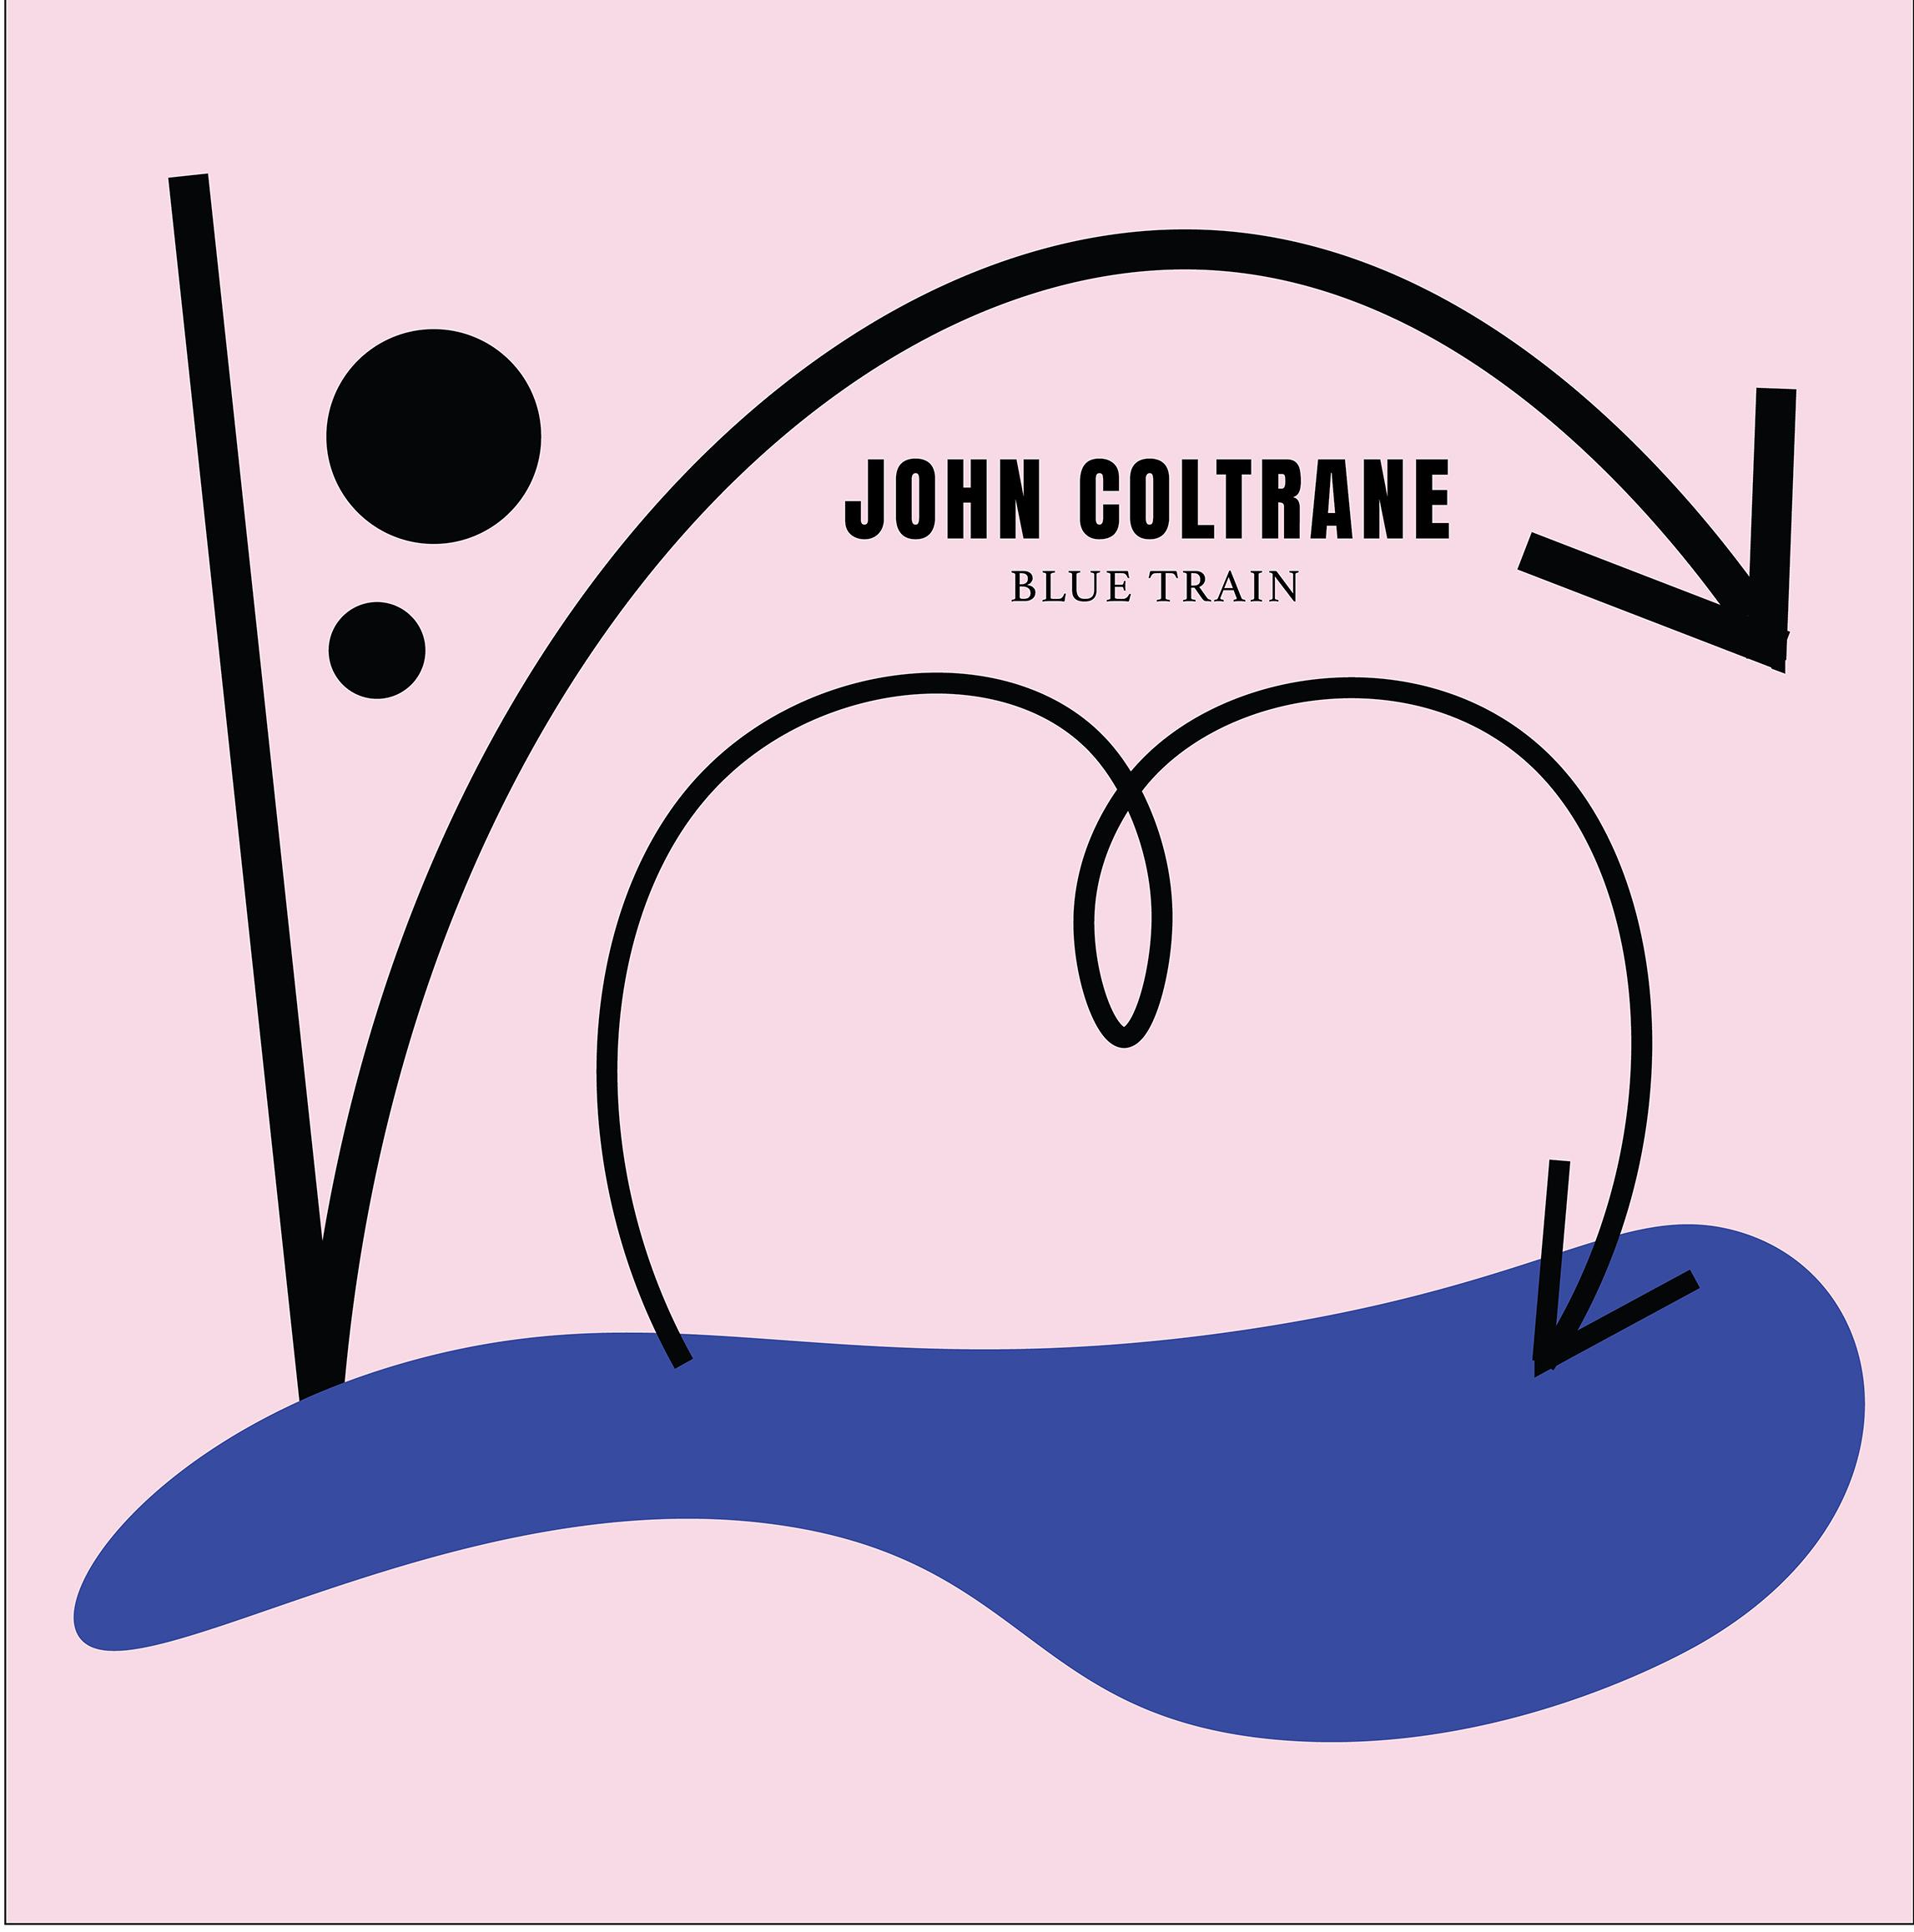 John coltrane record cover